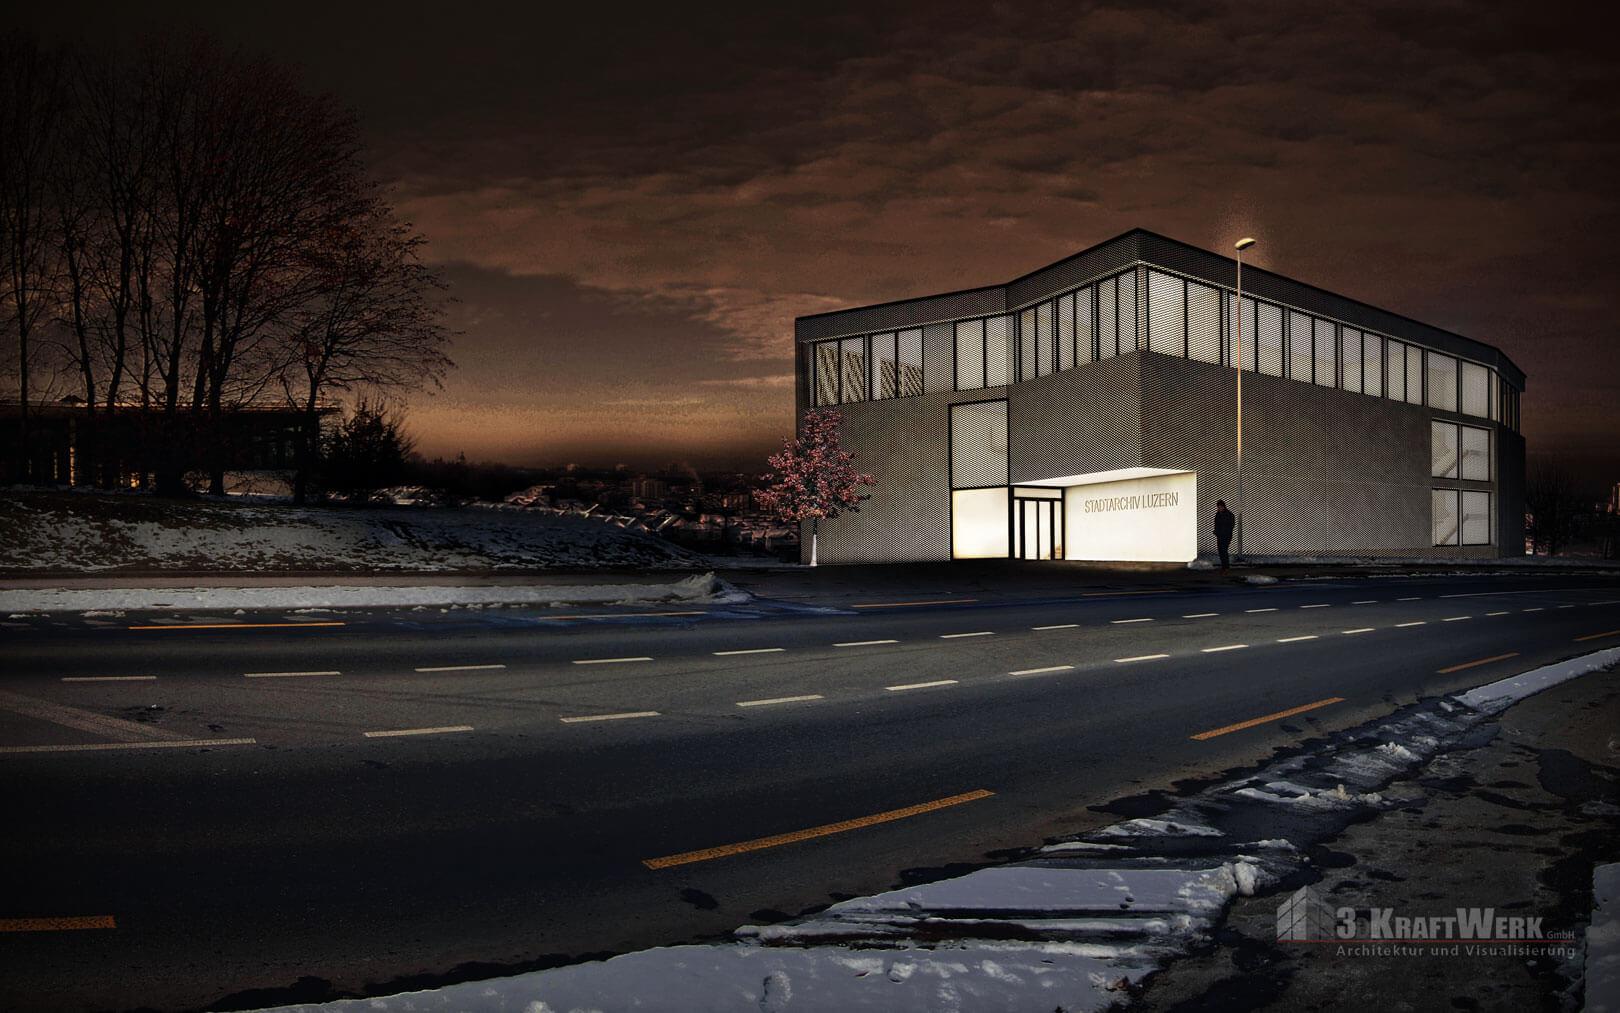 3DKRAFTWERK visualisierung architektur stadtarchiv Luzern nachtbild